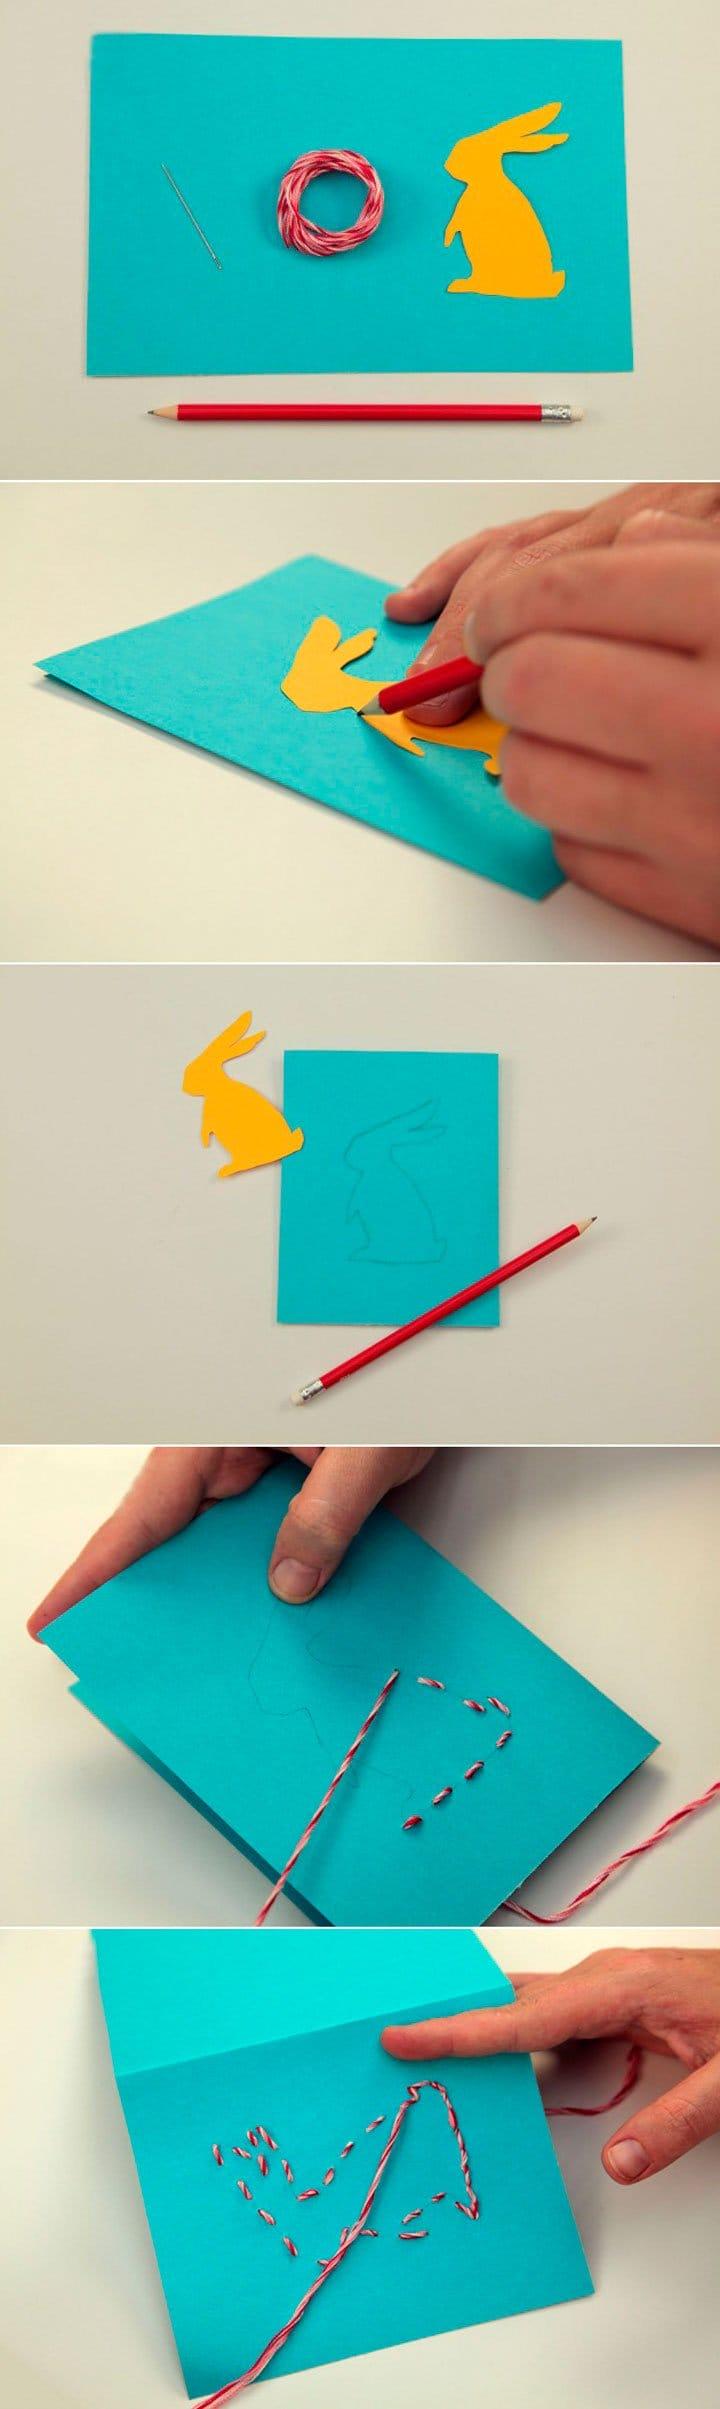 Великодні листівки своїми руками: ідеї та майстер класи